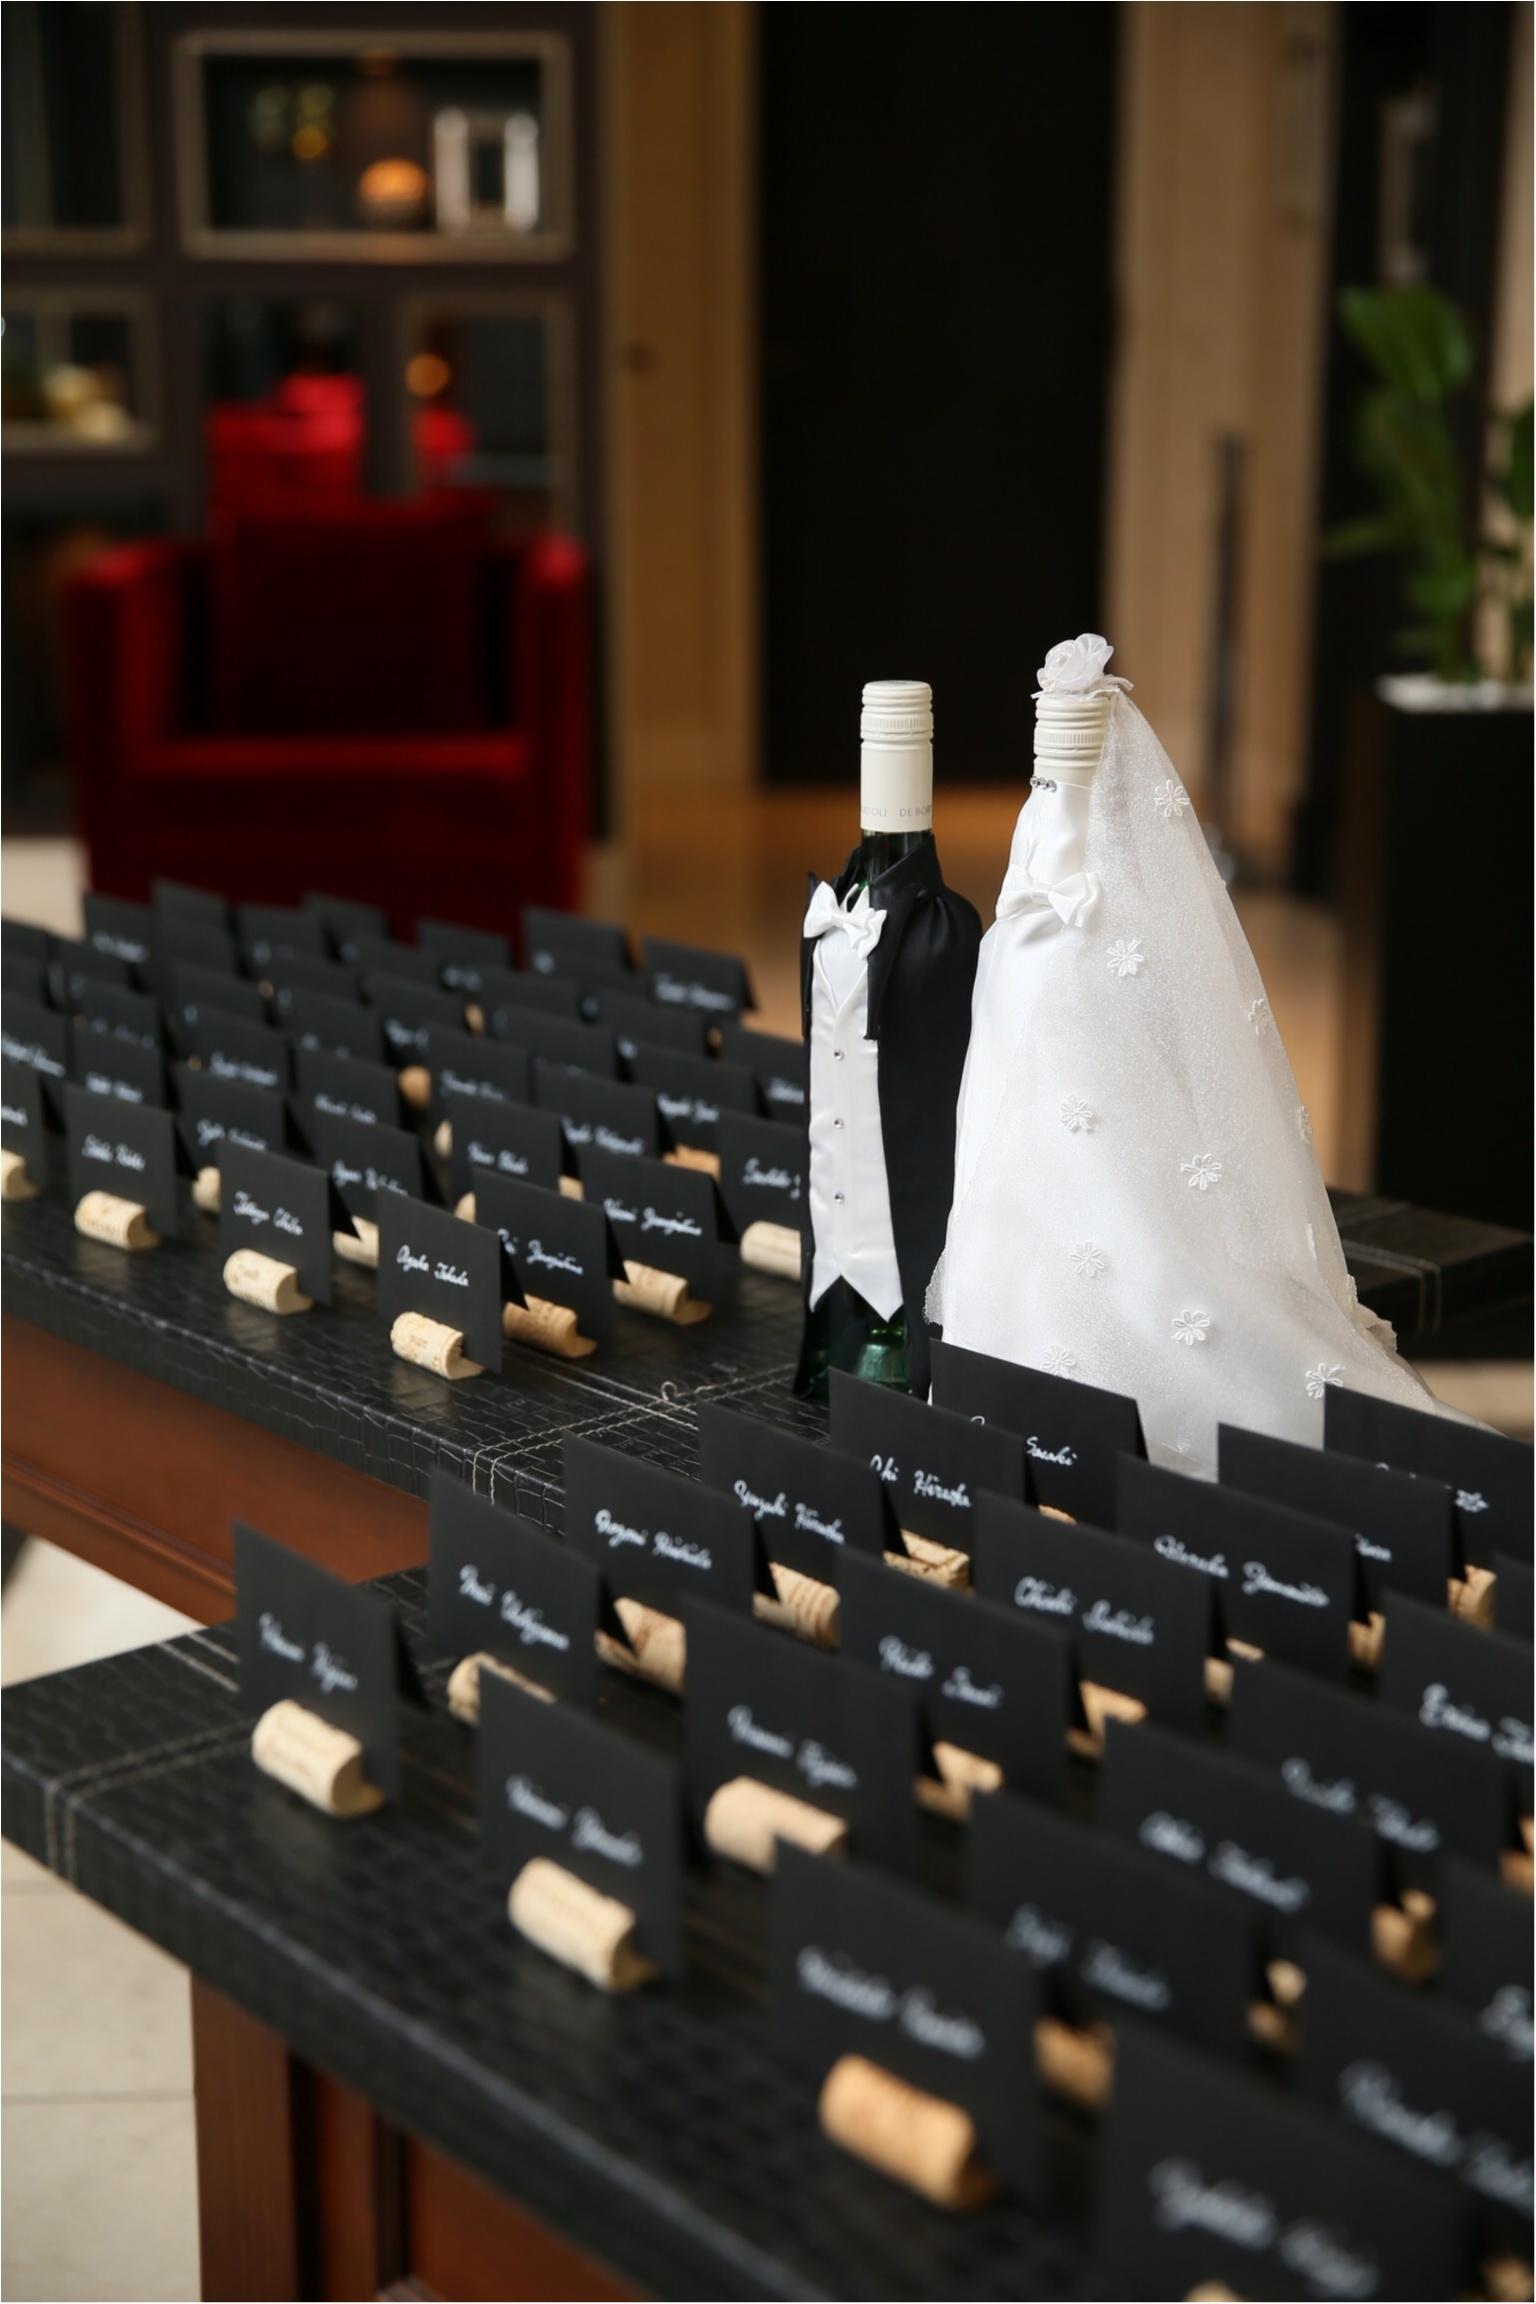 moco婚①▶︎結婚式は憧れのハウスウエディング♡青山迎賓館を貸切でワガママ空間に♡_7